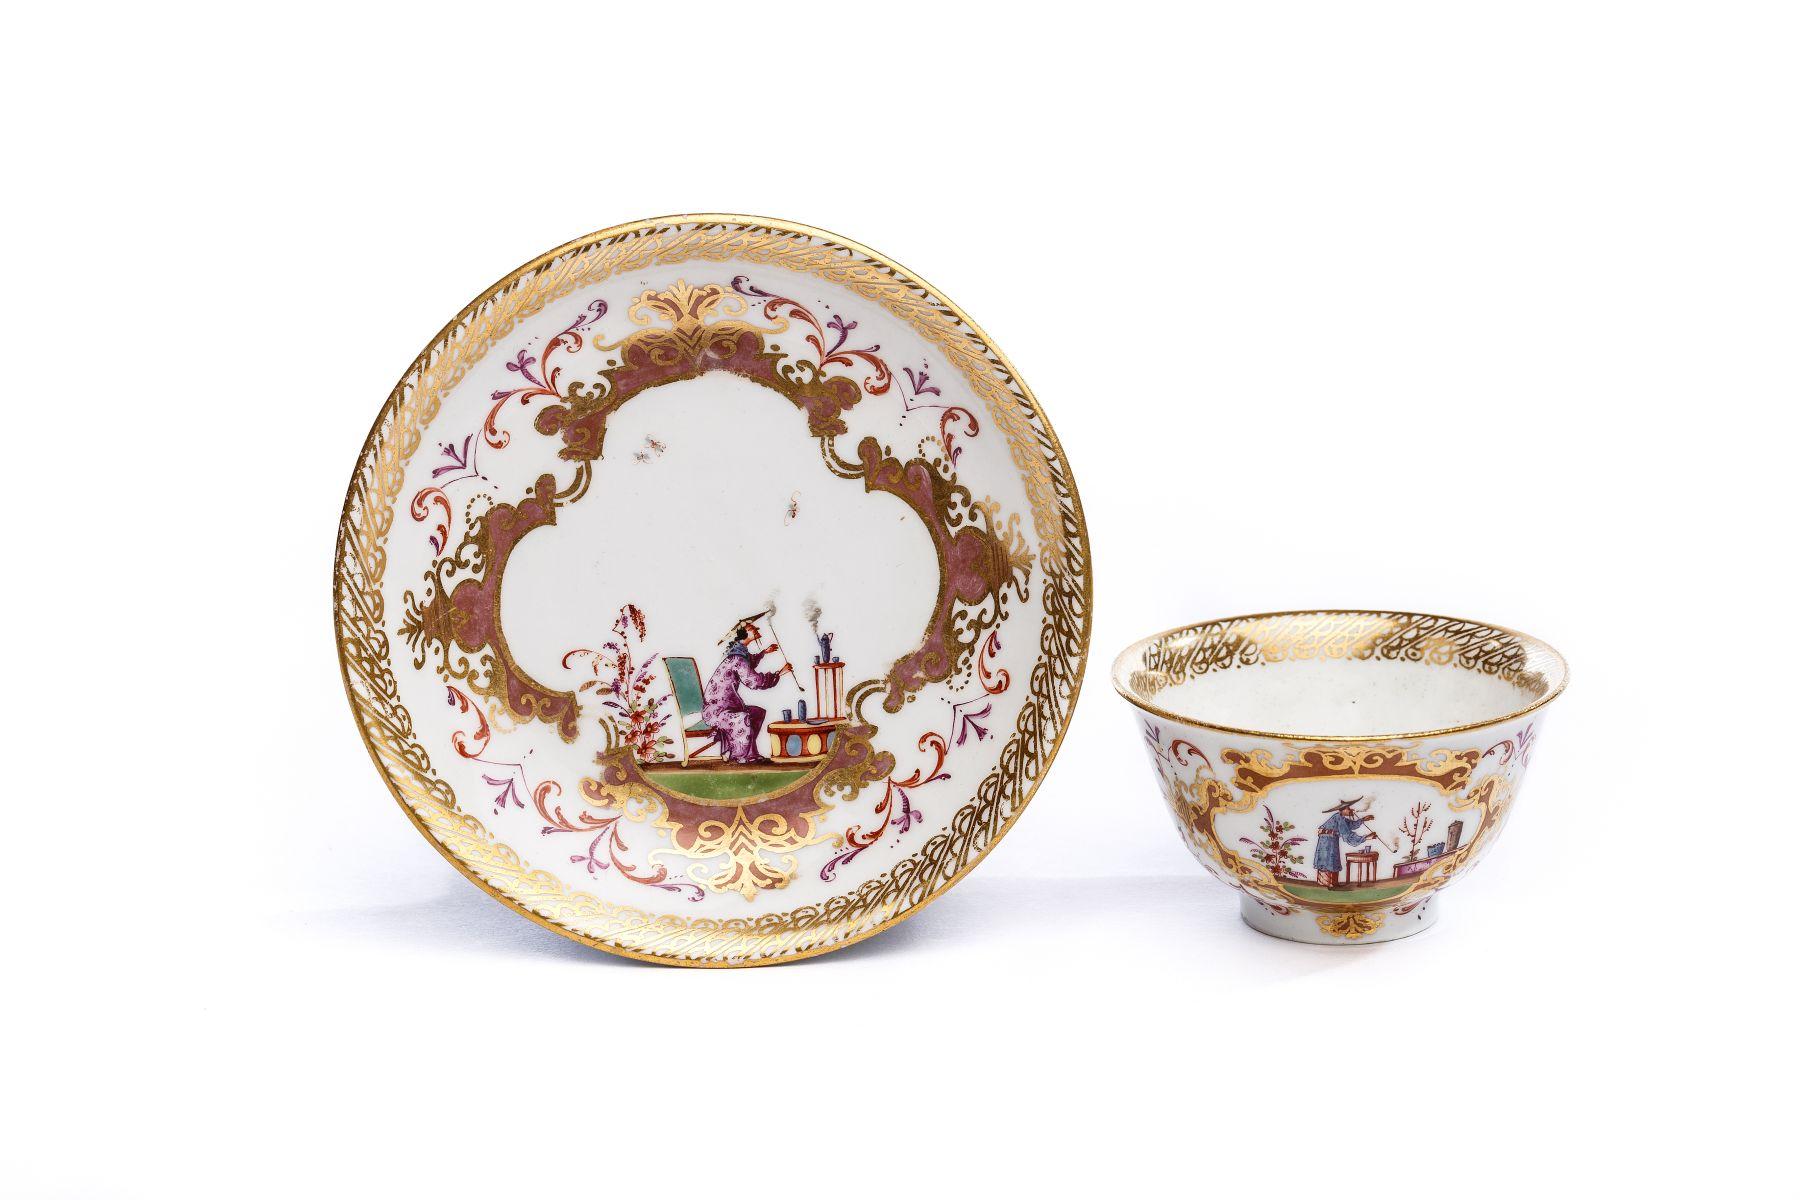 #40 Bowl with saucer, Meissen 1723/25 | Koppchen mit Unterschale, Meissen 1723/25 Image